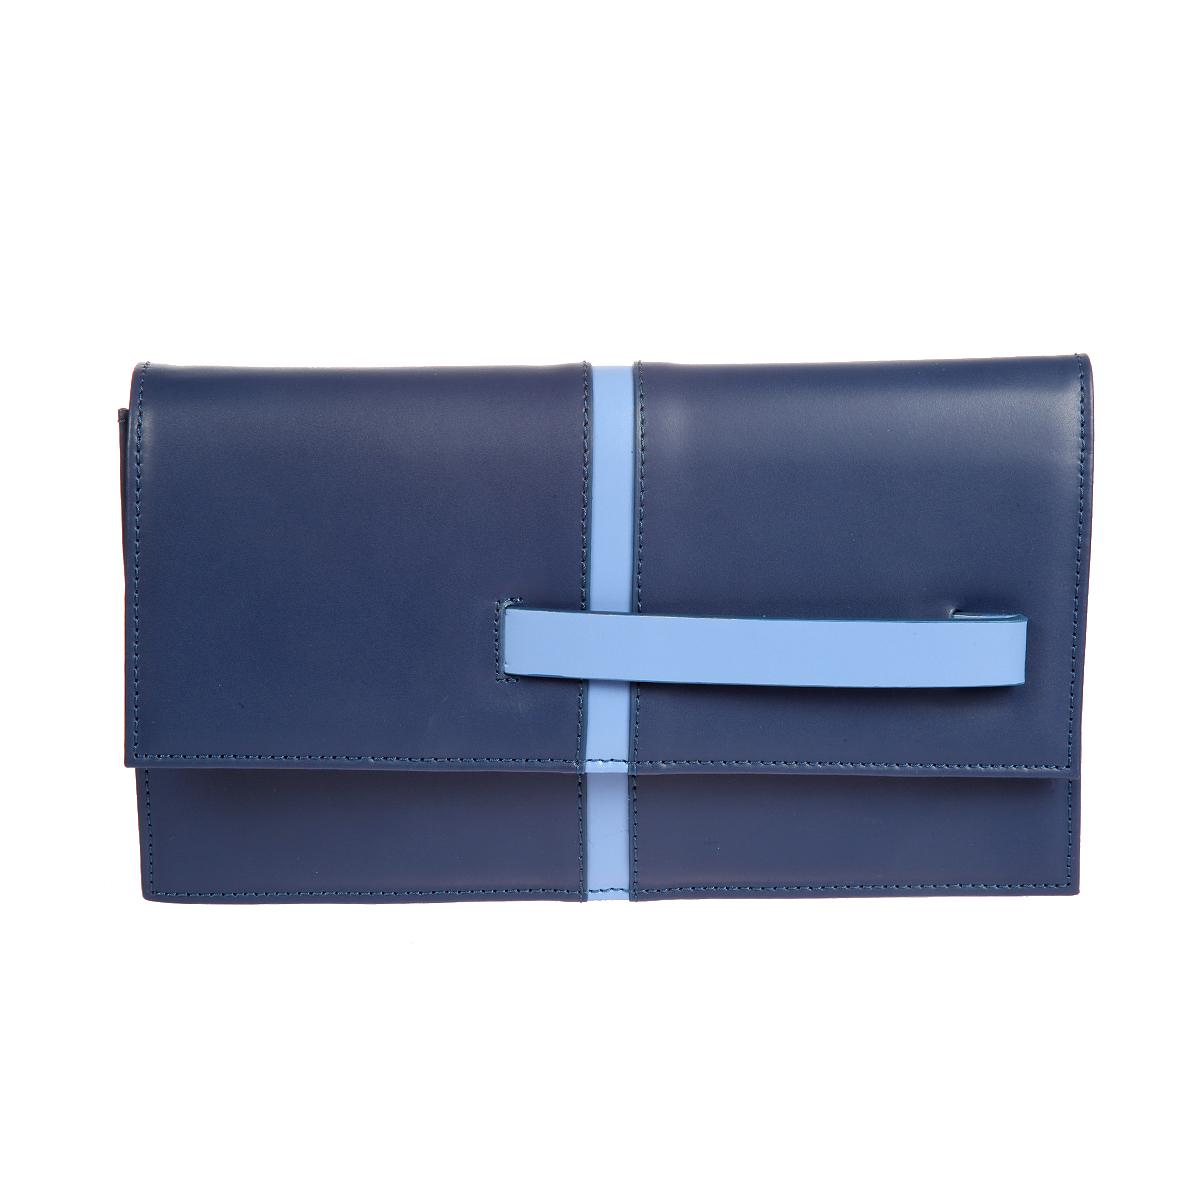 Клатч женский Gianni Conti, цвет: синий, голубой. 843792E843792E blue multiЭлегантный женский клатч Gianni Conti выполнен из высококачественной натуральной кожи. Лицевая сторона оформлена вертикальной полосой и оснащена удобной ручкой, которые исполнены в одном цвете. Клатч закрывается на клапаном на магнитную кнопку. Внутреннее отделение содержит два открытых кармана, держатель для письменных принадлежностей и накладной карман на застежке-молнии. В комплекте с клатчем входят небольшой ремешок на карабинах и тонкий плечевой рмень на кнопках. Изделие упаковано в фирменный чехол. Такой клатч отлично завершит вечерний образ и подчеркнет ваш идеальный вкус. С ним вы не останетесь незамеченной.